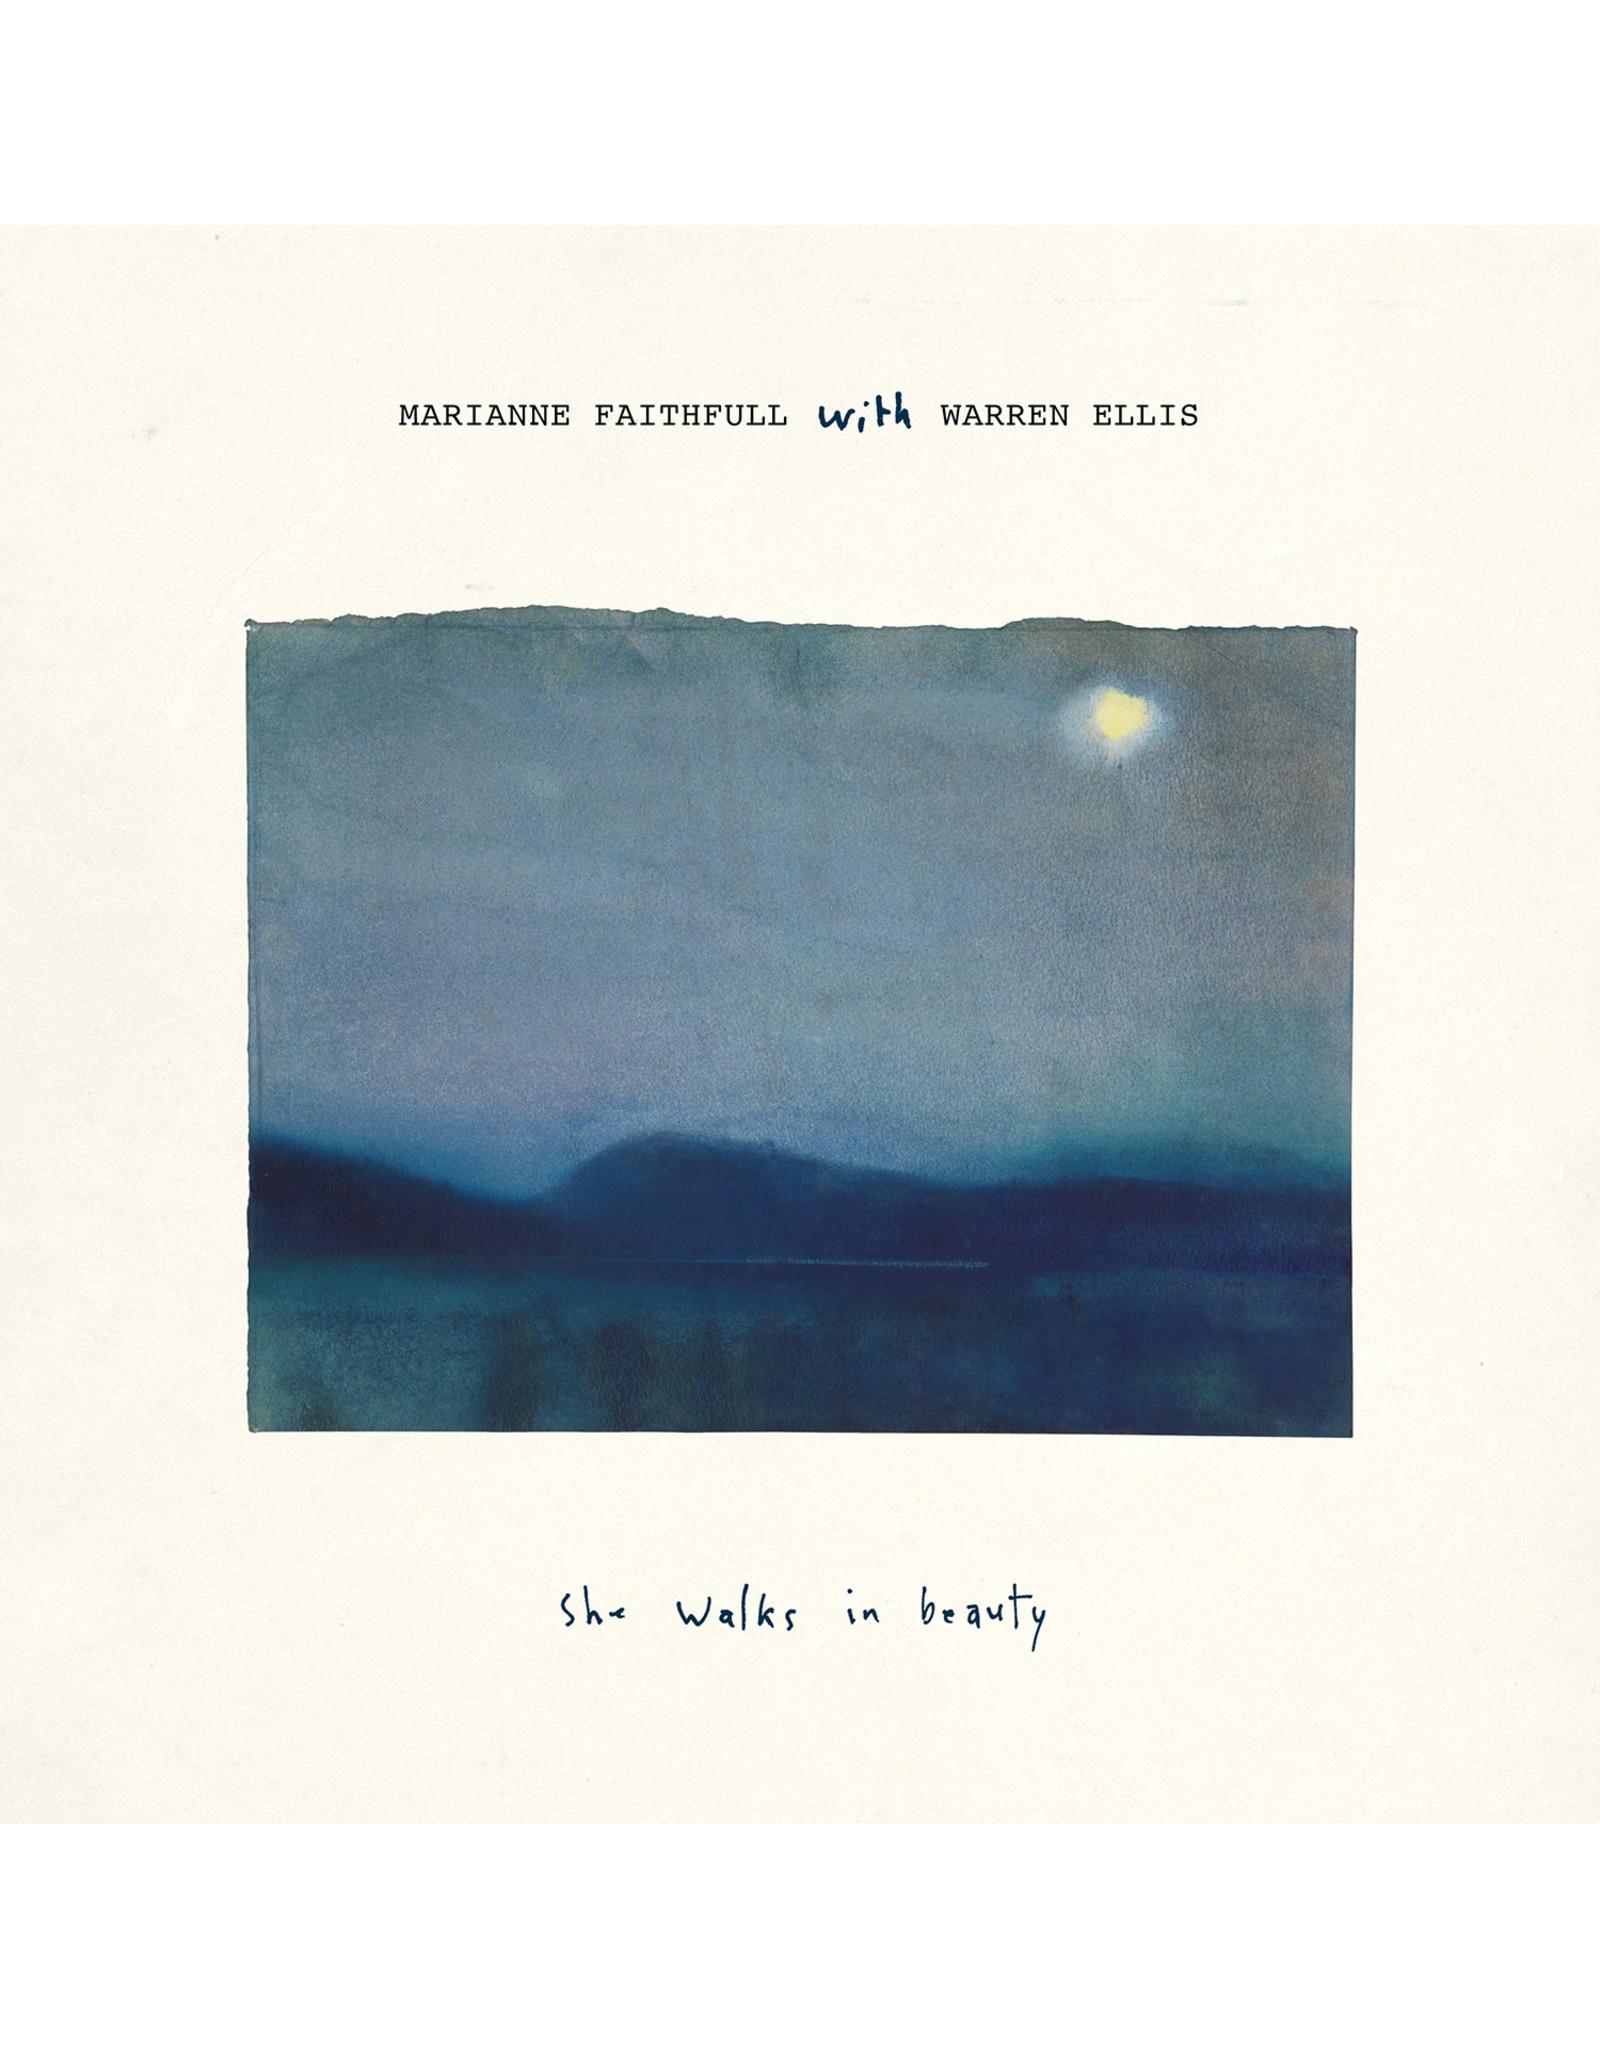 Faithfull, Marianne with Warren Ellis - She Walks In Beauty 2LP 180G